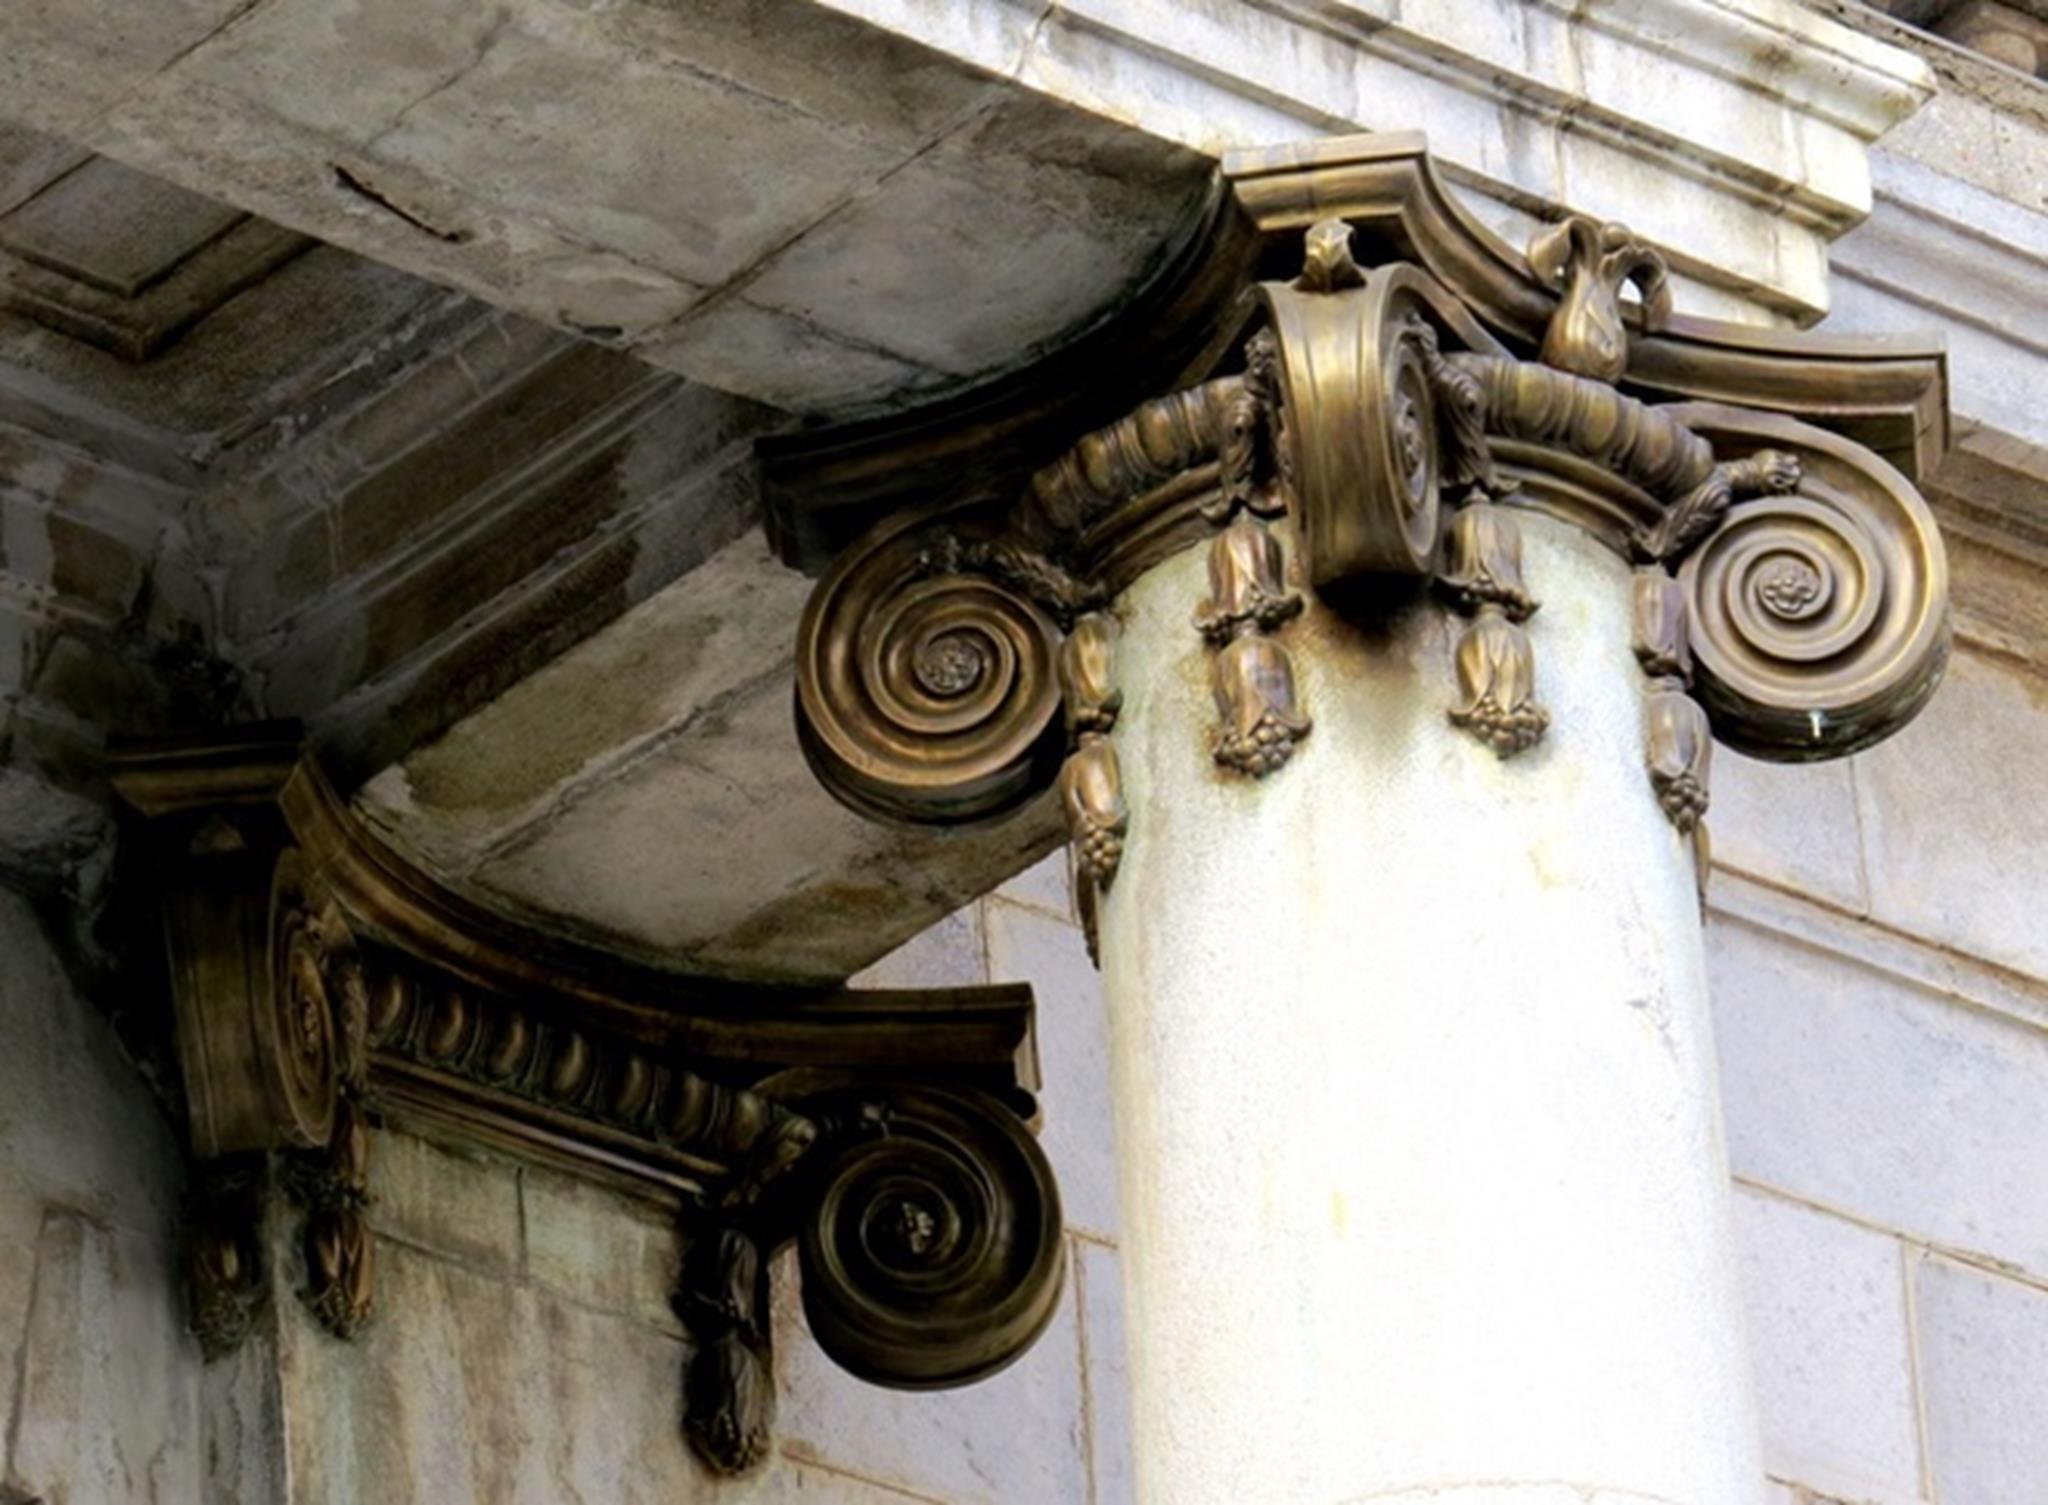 Phần đầu cột tại nơi tiếp giáp với mái hiên được trang trí hoa văn làm bằng đồng nguyên chất. Phía chân cột cũng được bọc đồng.